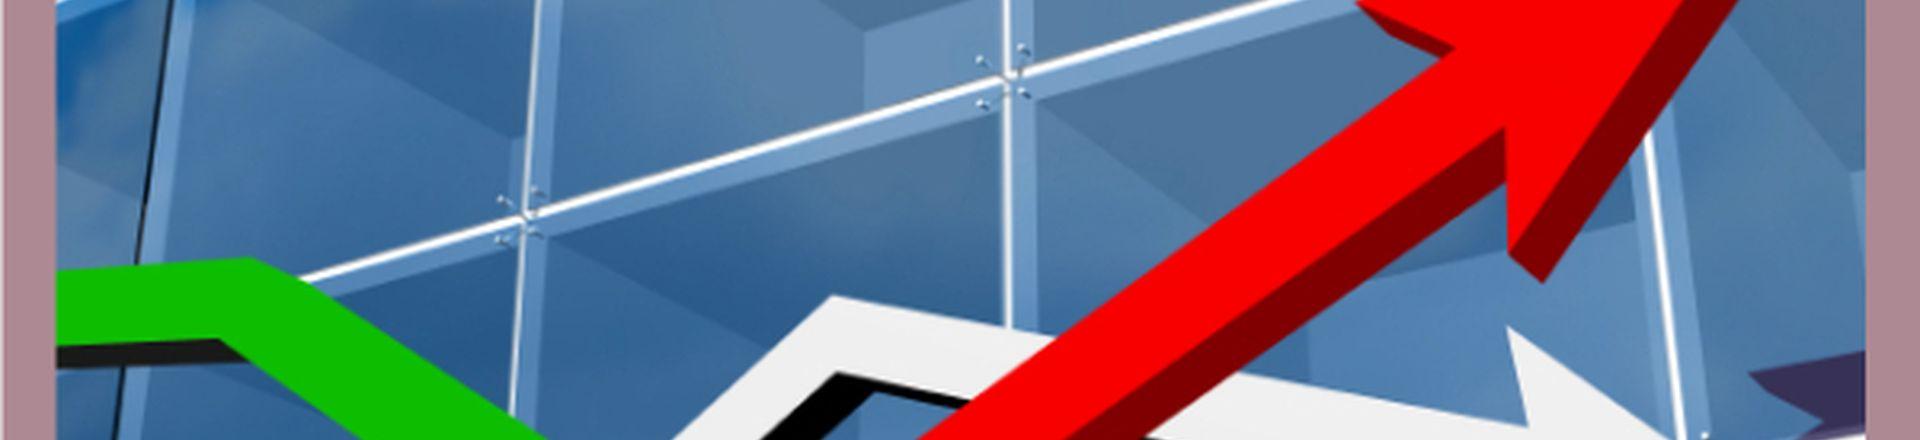 Dynamiczna firma – kluczowe czynniki sukcesu w biznesie nowej generacji - Wrocław